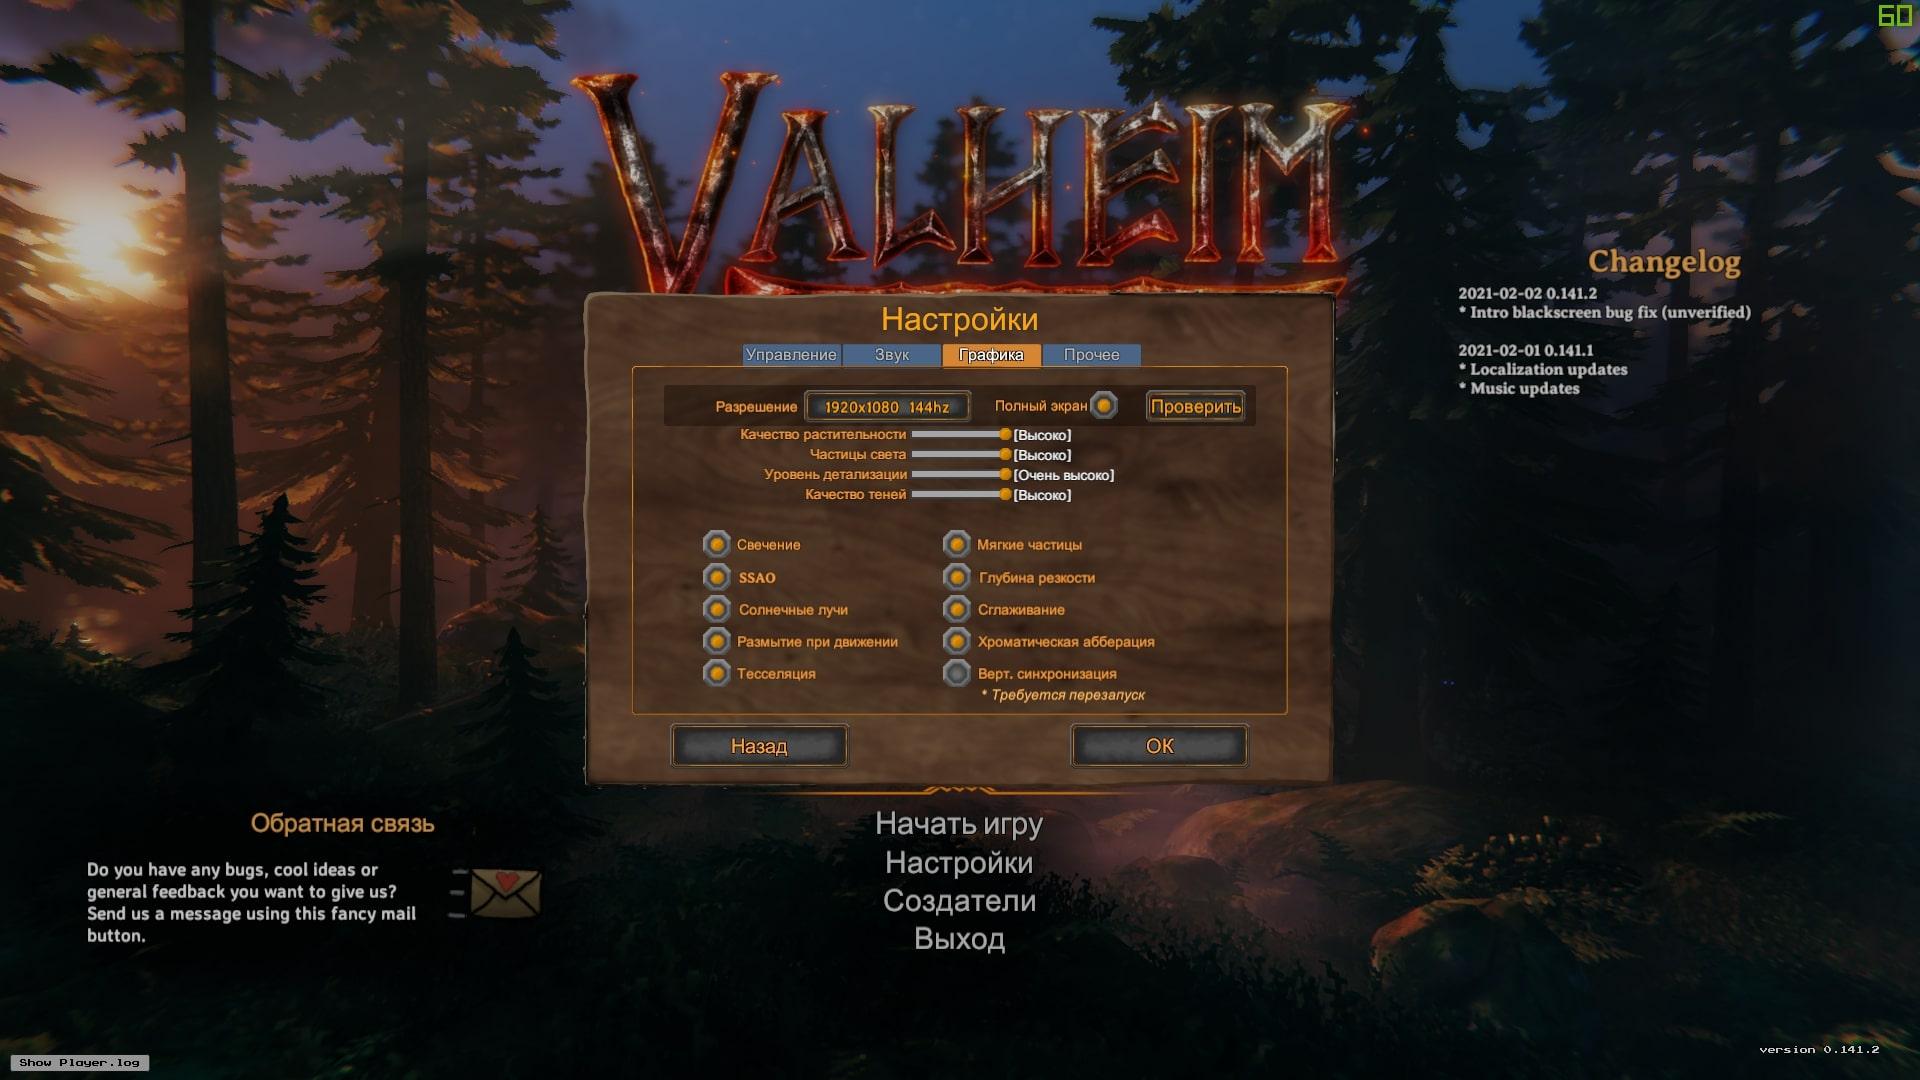 Valheim - решение технических проблем